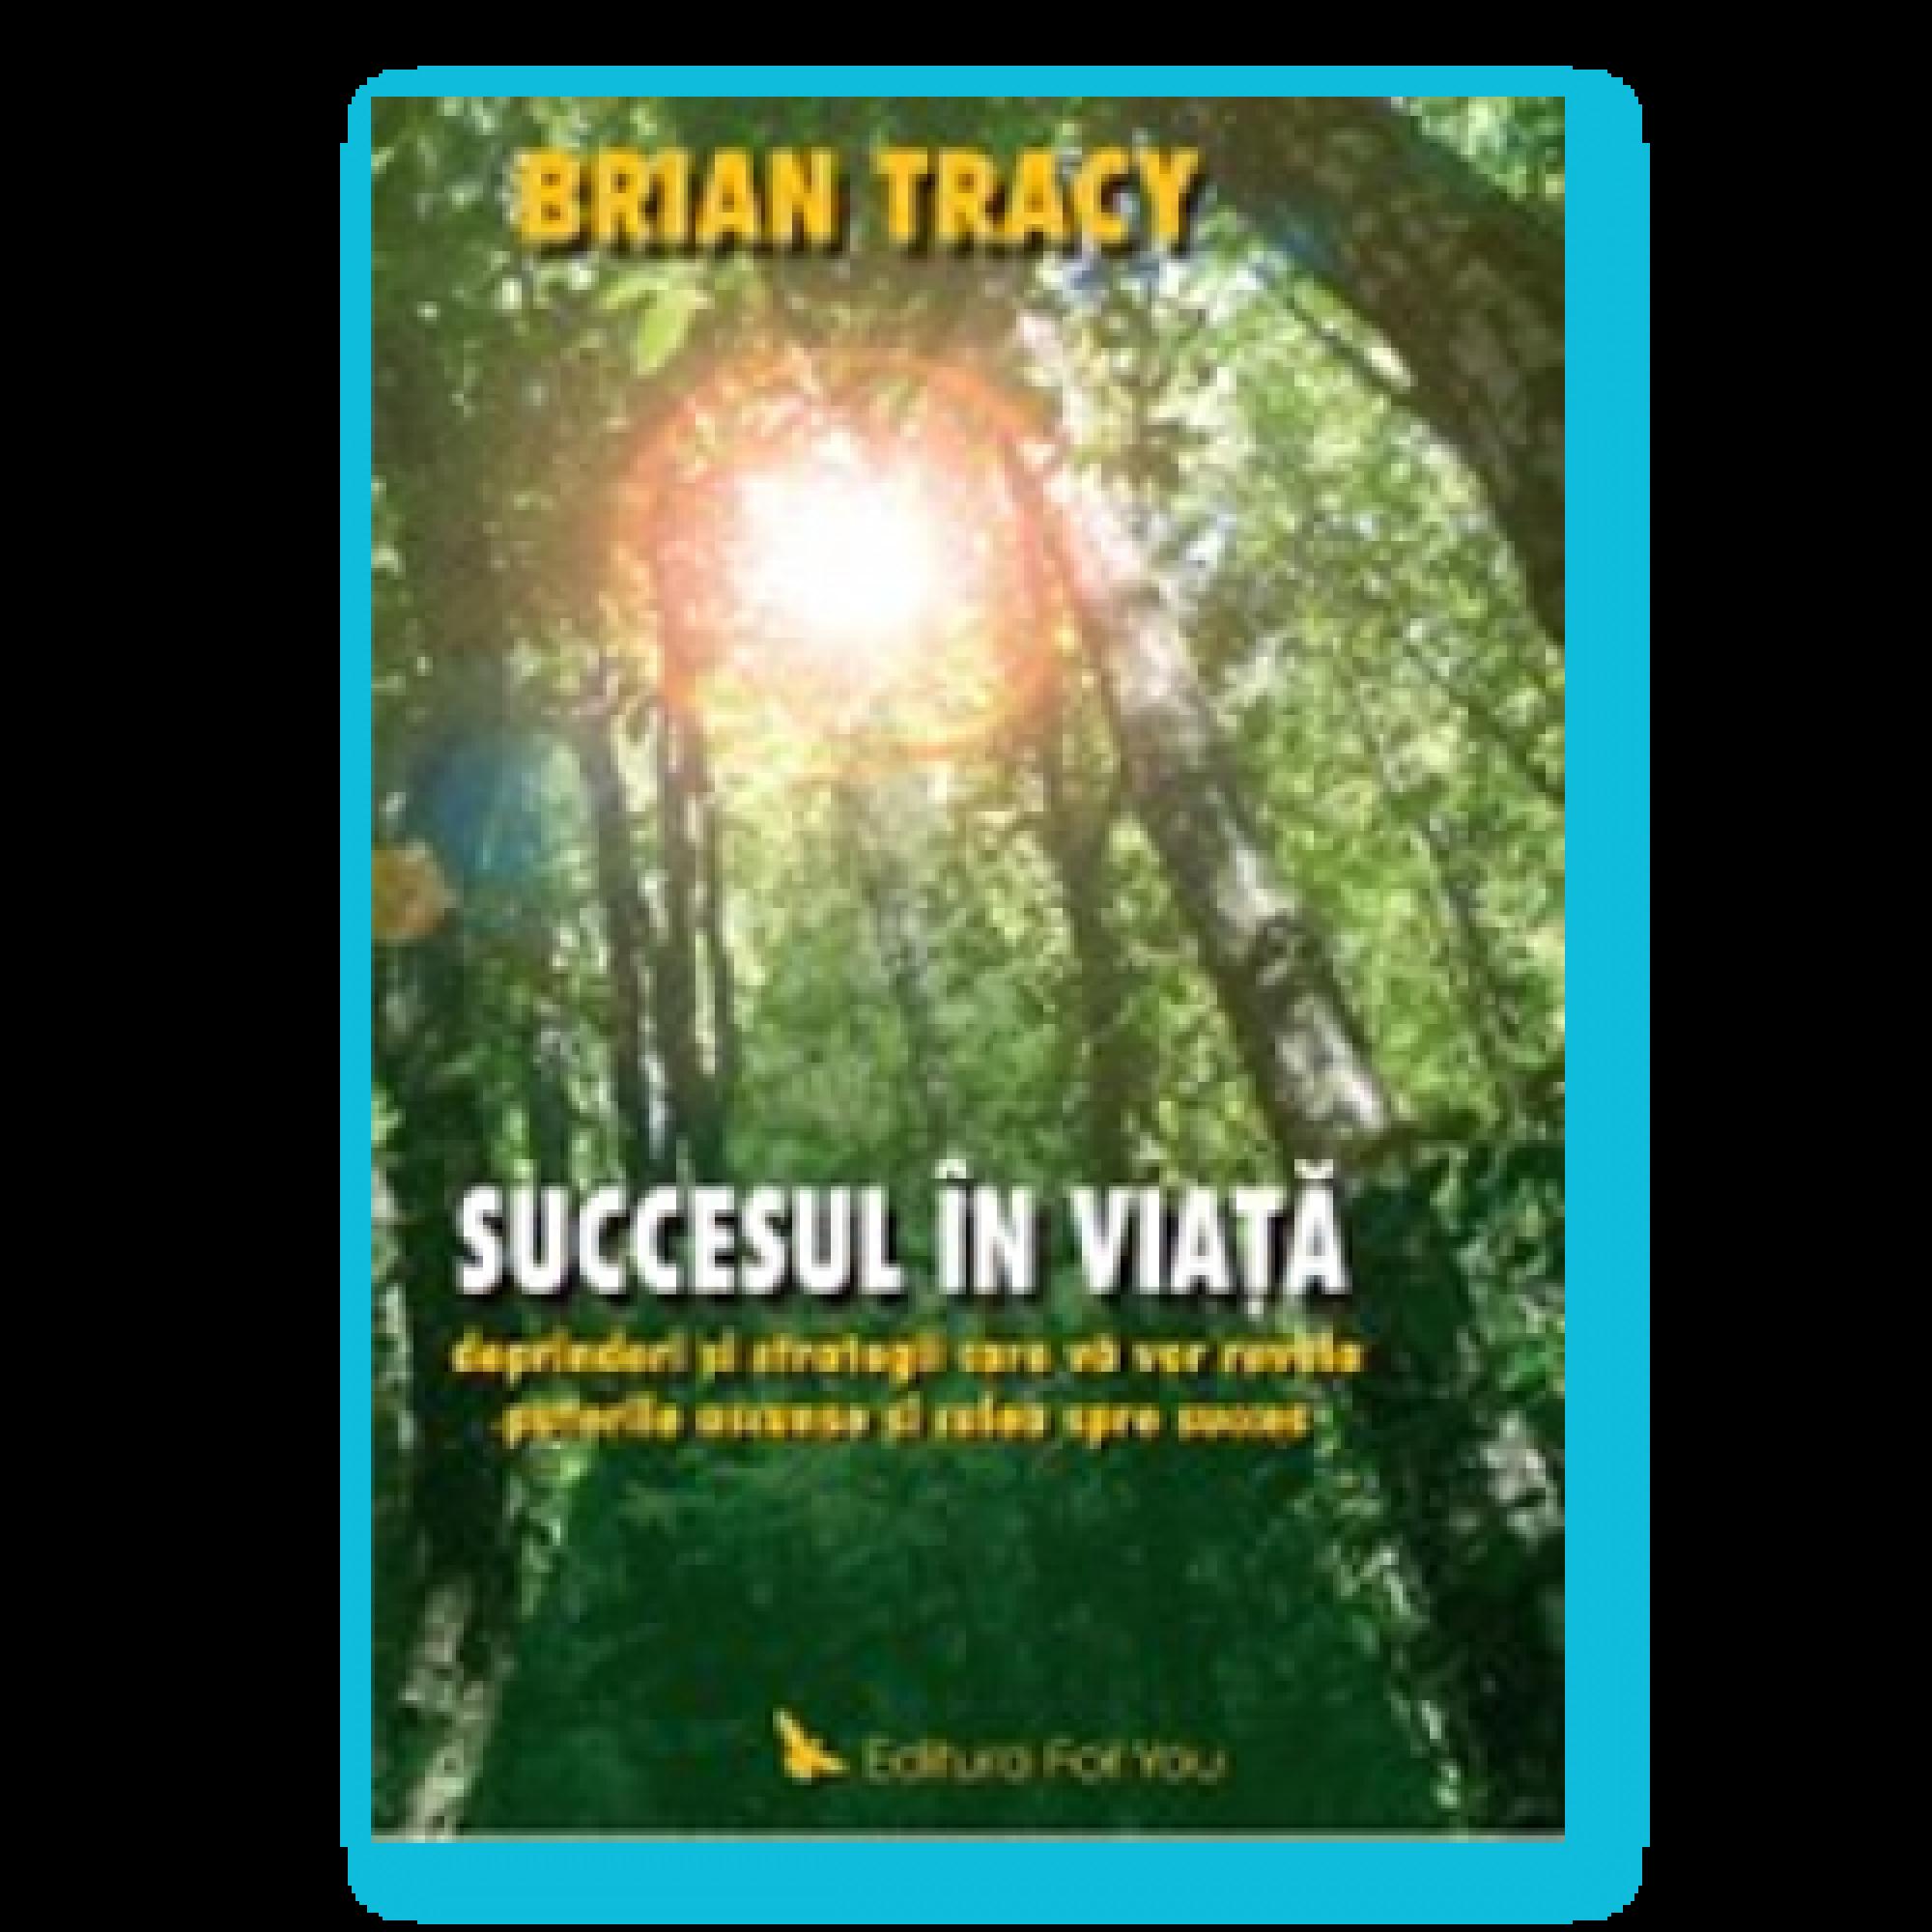 Succesul în viaţă. Deprinderi şi strategii care vă vor revela puterile şi calea spre succes - Ediția a II-a